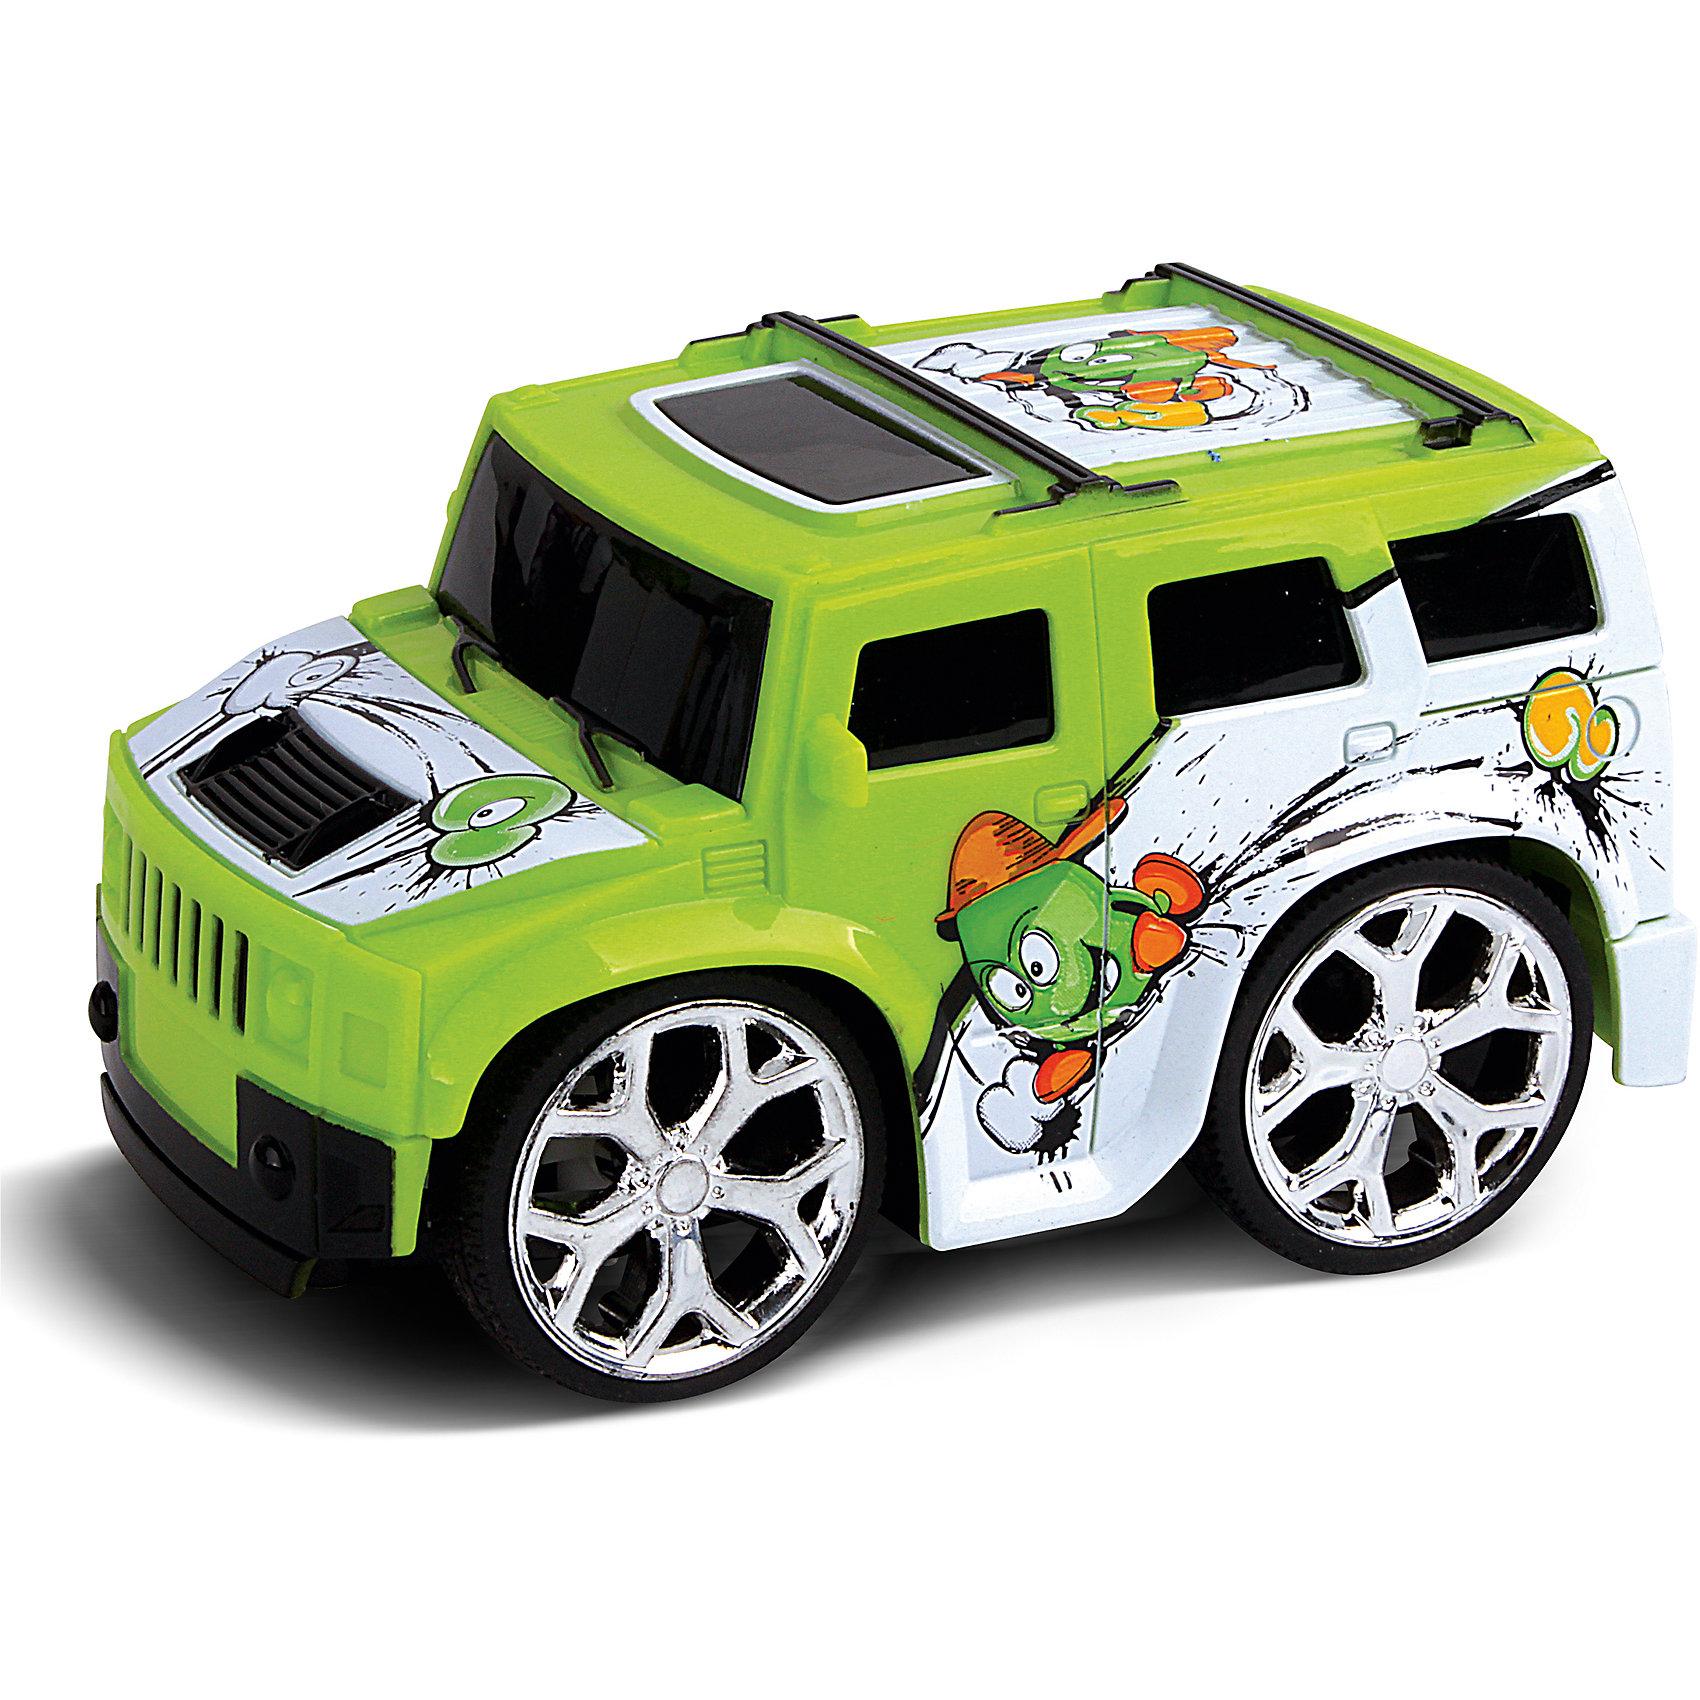 Машинка на радиоуправлении Mini, зеленая, Blue SeaРадиоуправляемый транспорт<br>Машинка на радиоуправлении Mini, зеленая, Blue Sea (Блу Сии).<br><br>Характеристики:<br><br>- Цвет: зеленый.<br>- Состав: пластик,металл.<br>- Радиоуправляемая игрушка.<br>- В комплекте: машинка, пульт управления.<br><br>Внимание: элементы питания в комплект не входят!<br><br>Машинка на радиоуправлении Mini, голубая – это один из представителей яркой серии машинок Mini Car от бренда Blue Sea (Блу Сии). Она проста в управлении, двигается вперед, назад, влево и вправо. Для того, чтобы начать играть, достаточно просто докупить элементы питания для машинки и пульта управления. Вашему малышу обязательно понравятся простота управления и необычный дизайн в виде яркого внедорожника.<br><br>Машинку на радиоуправлении Mini, зеленую, Blue Sea(Блу Сии), можно купить в нашем интернет – магазине.<br><br>Ширина мм: 210<br>Глубина мм: 110<br>Высота мм: 110<br>Вес г: 300<br>Возраст от месяцев: 36<br>Возраст до месяцев: 2147483647<br>Пол: Мужской<br>Возраст: Детский<br>SKU: 5419371